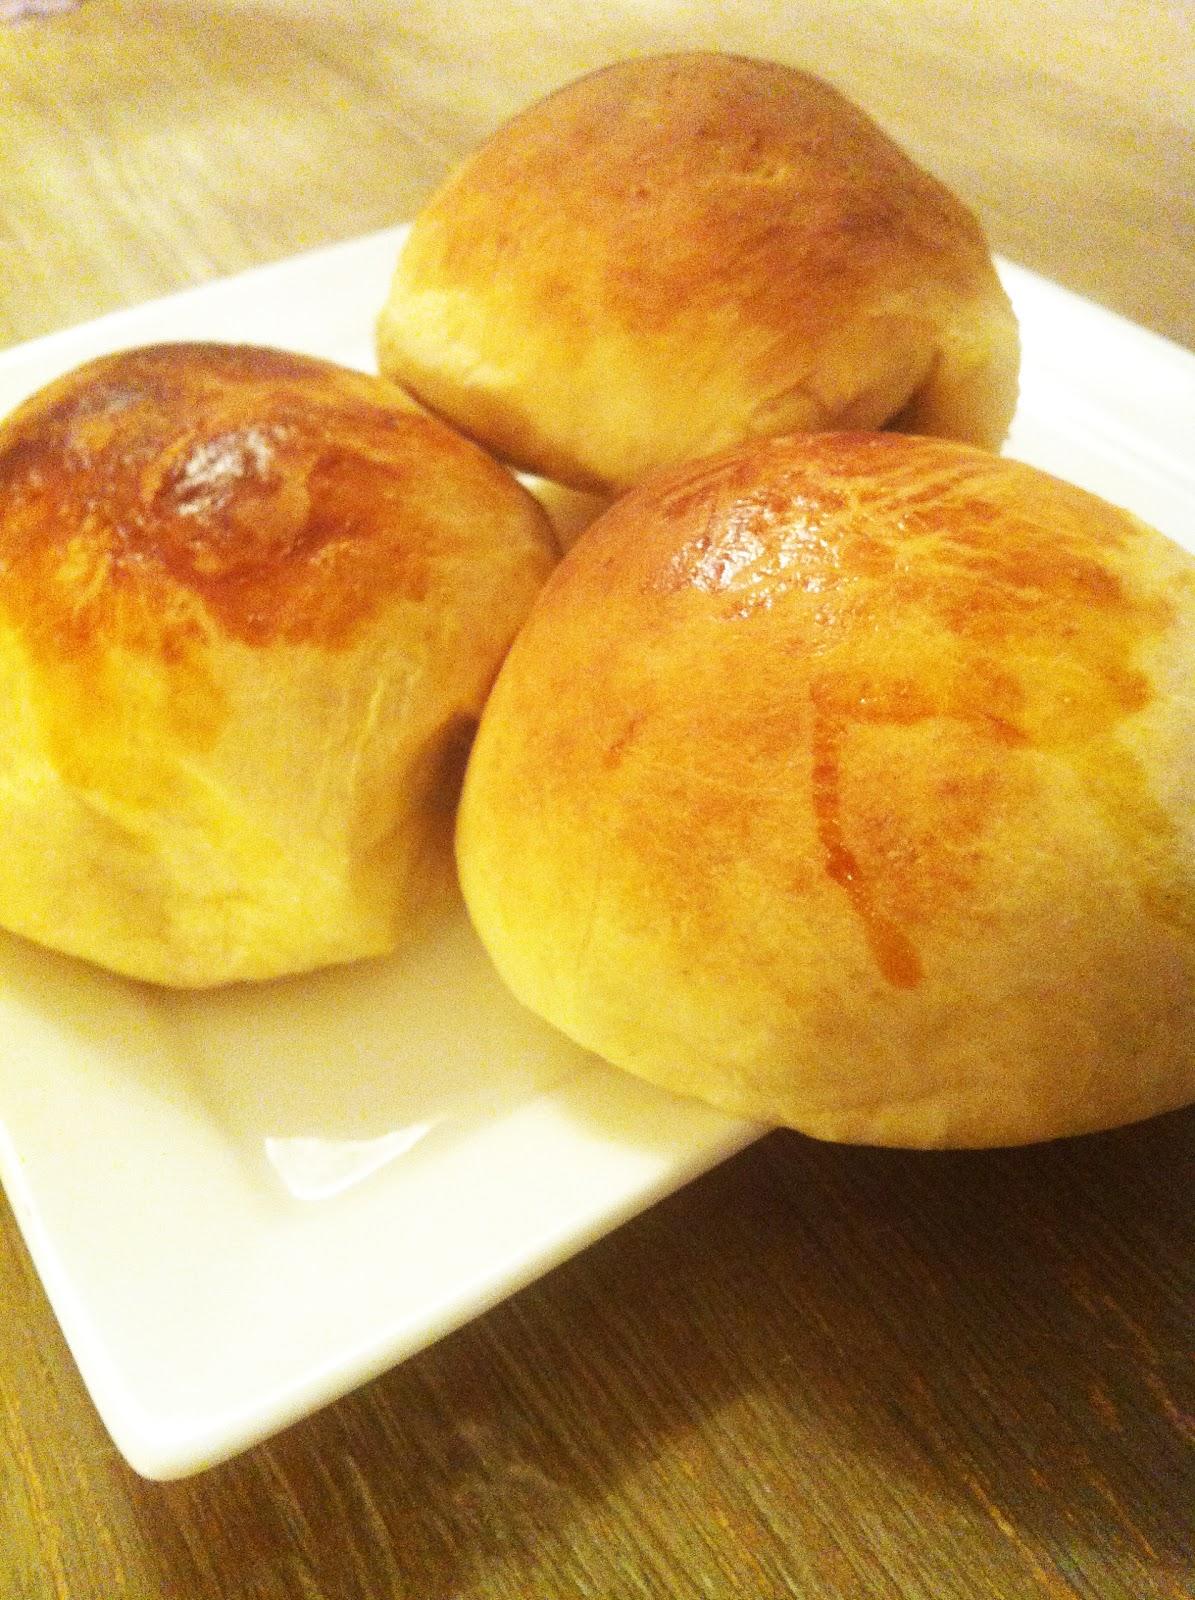 pannekaker uten egg og bakepulver